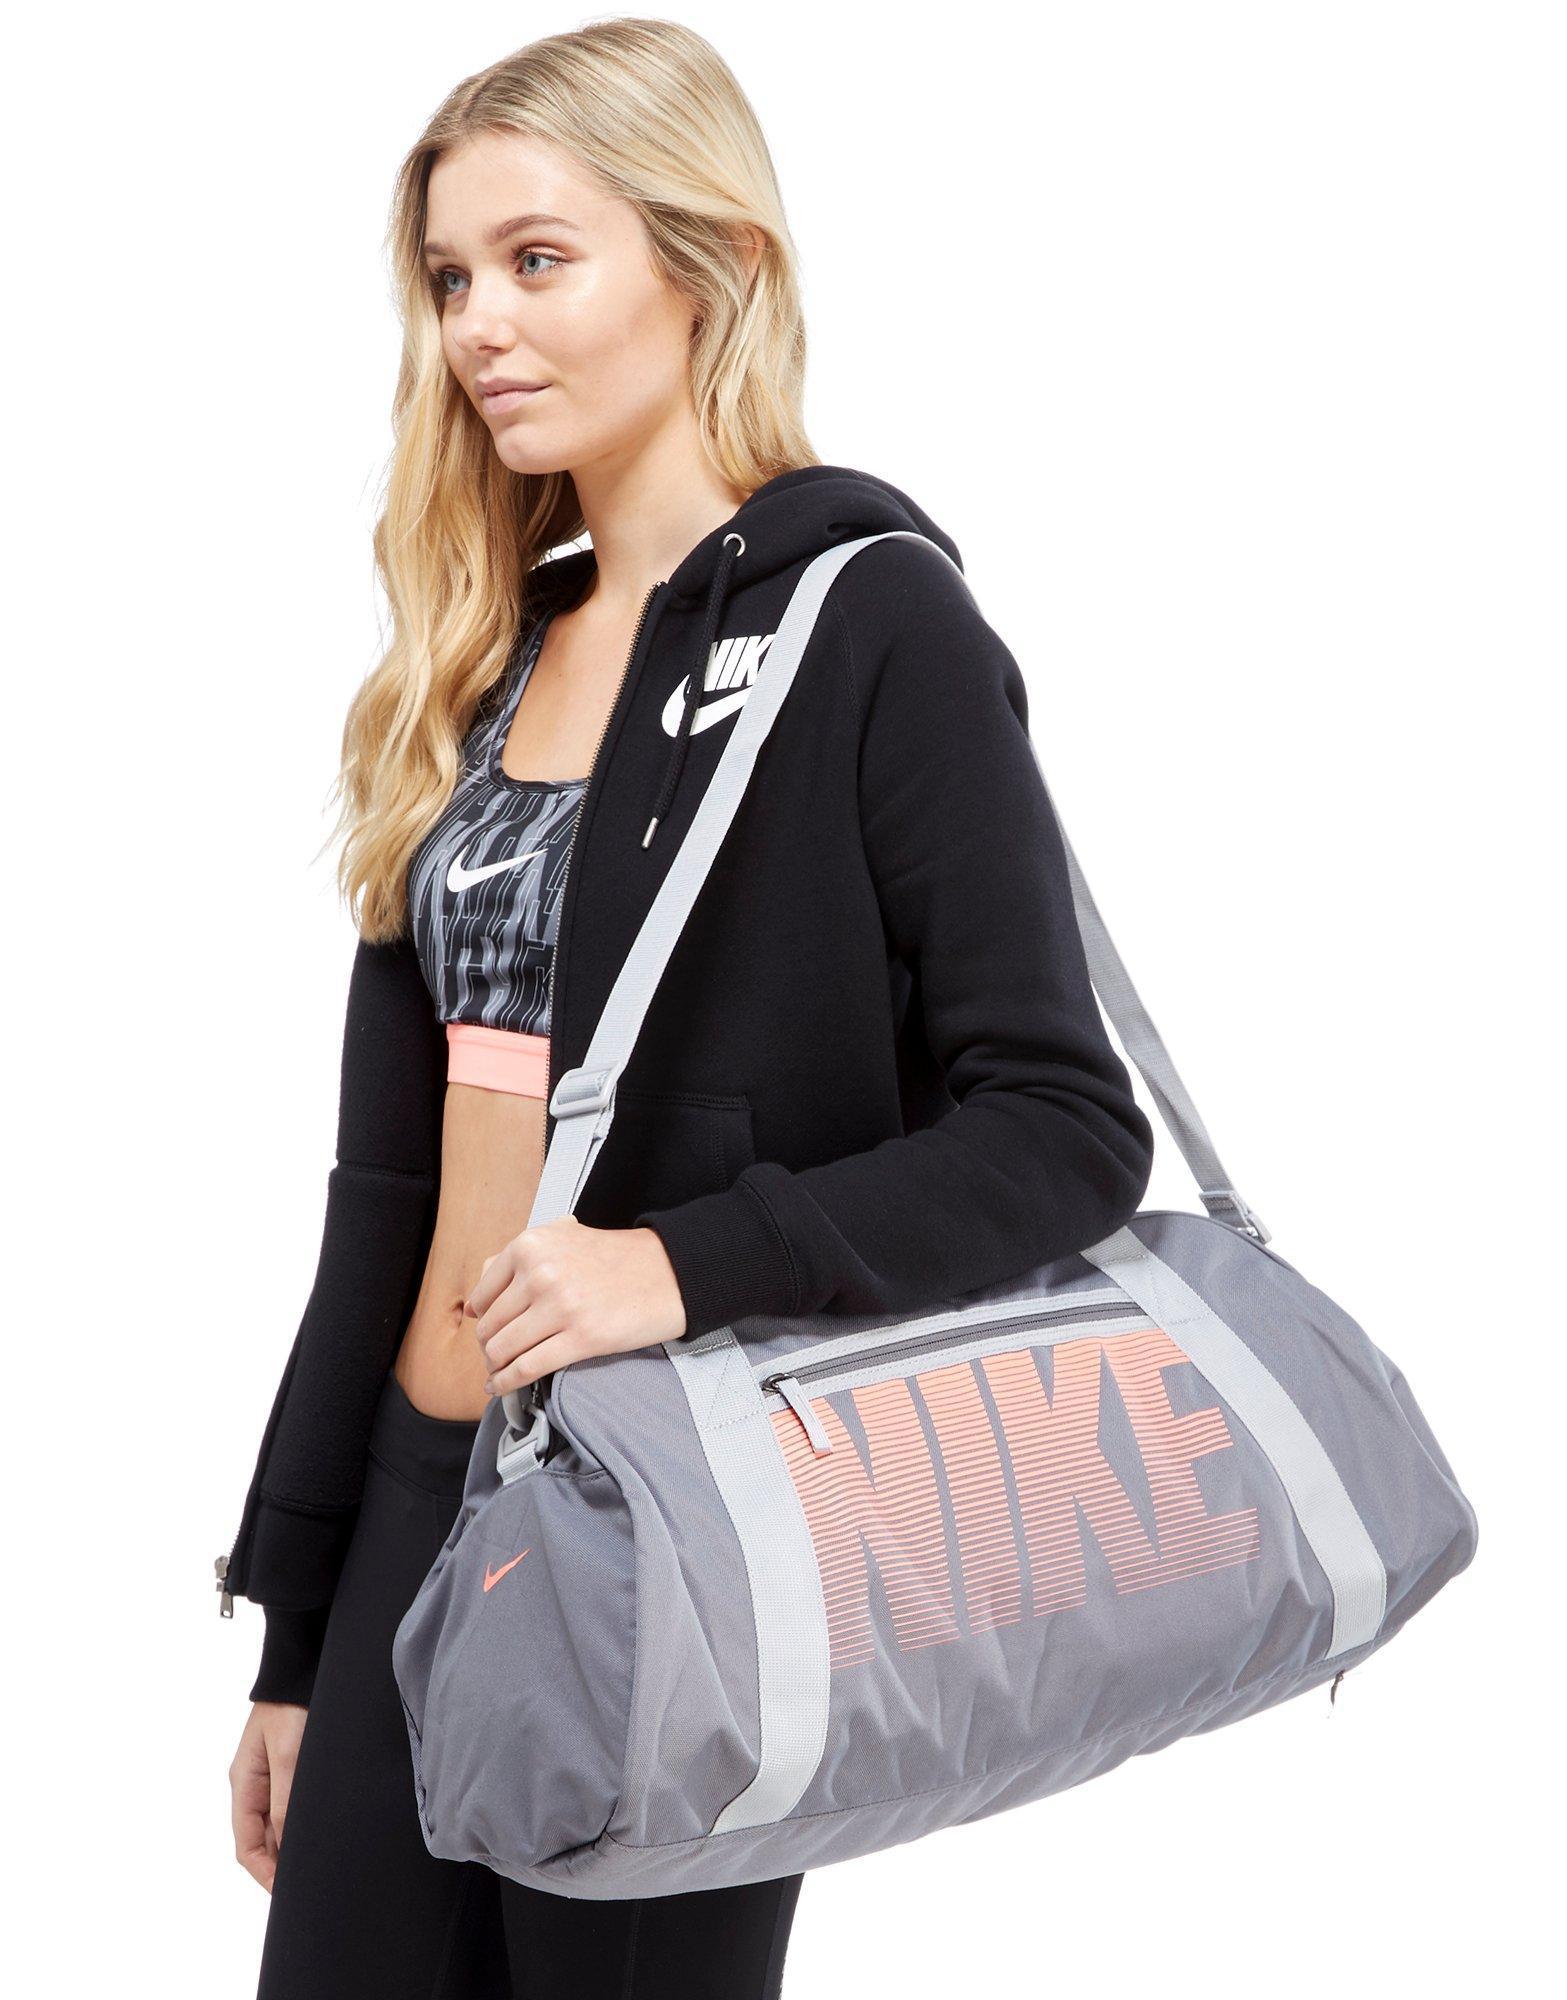 53971ed0cfb3 Lyst - Nike Gym Club Training Duffle Bag in Gray